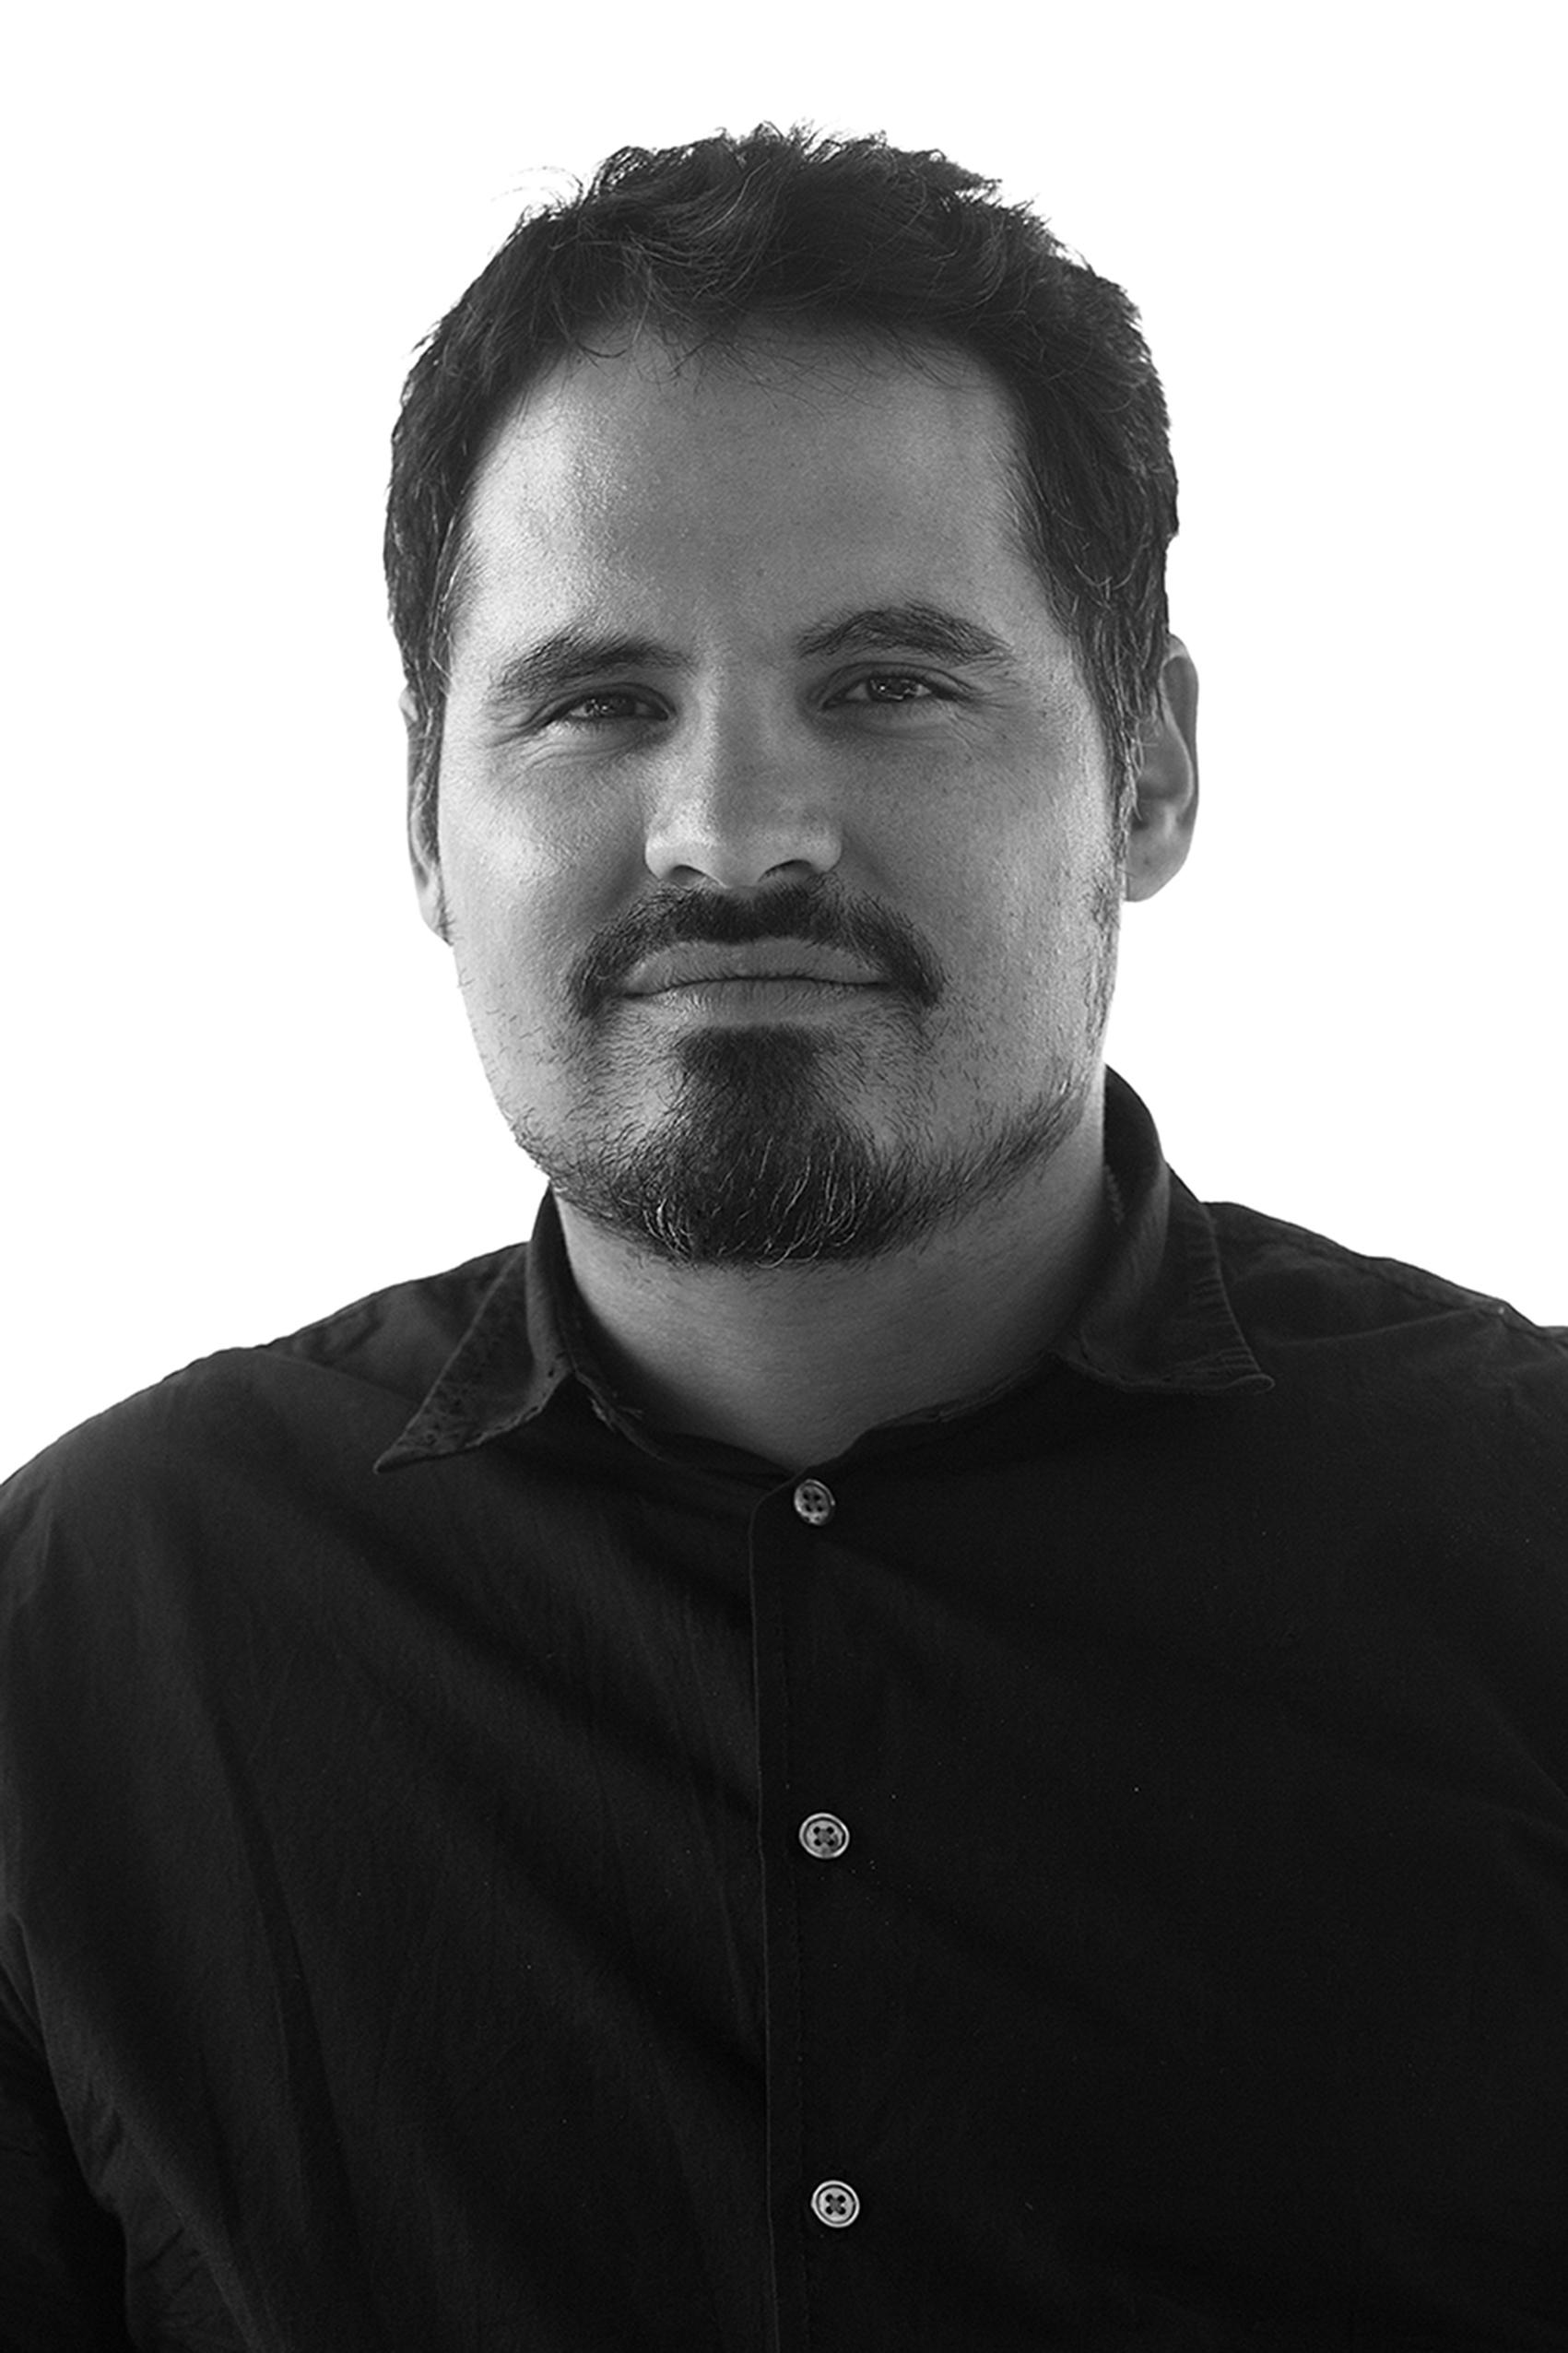 MichaelPena, festivalcannes, acteur,